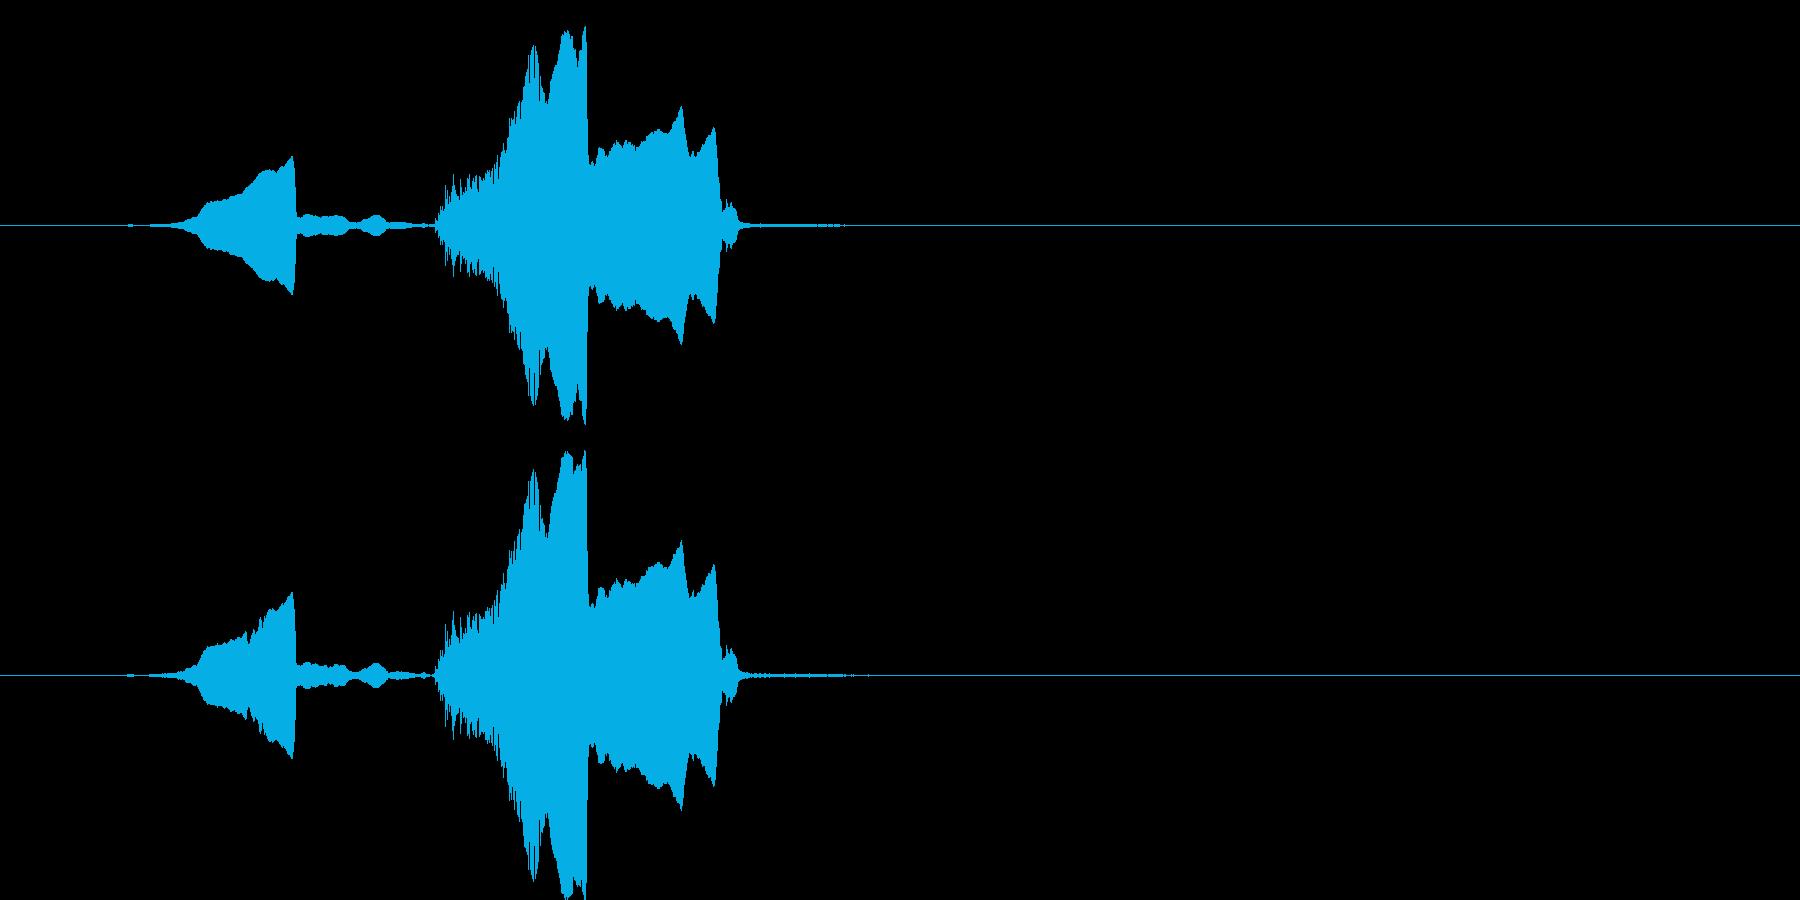 コヨーテハウル、シングル。中程度の視点。の再生済みの波形